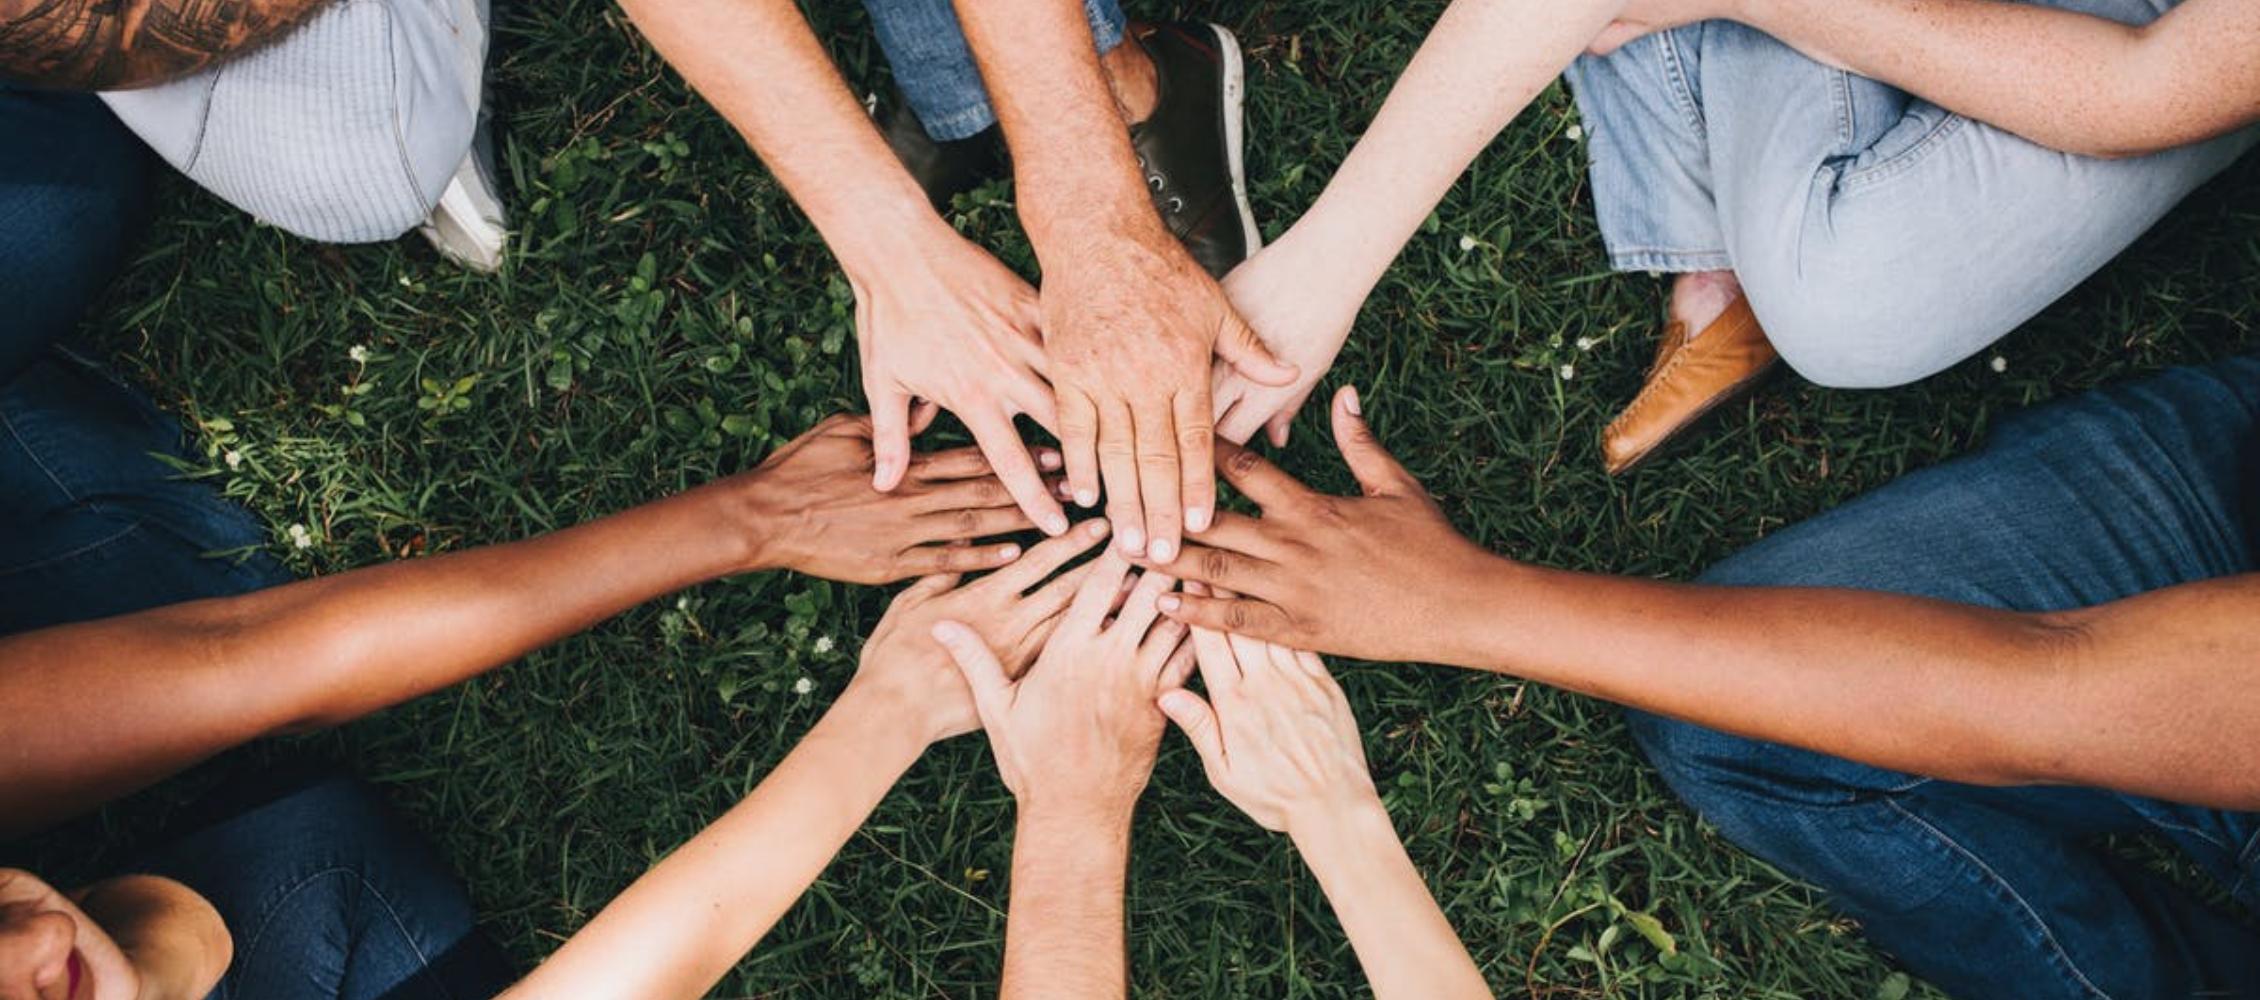 Teamfähige Mitarbeiter reichen sich die Hände